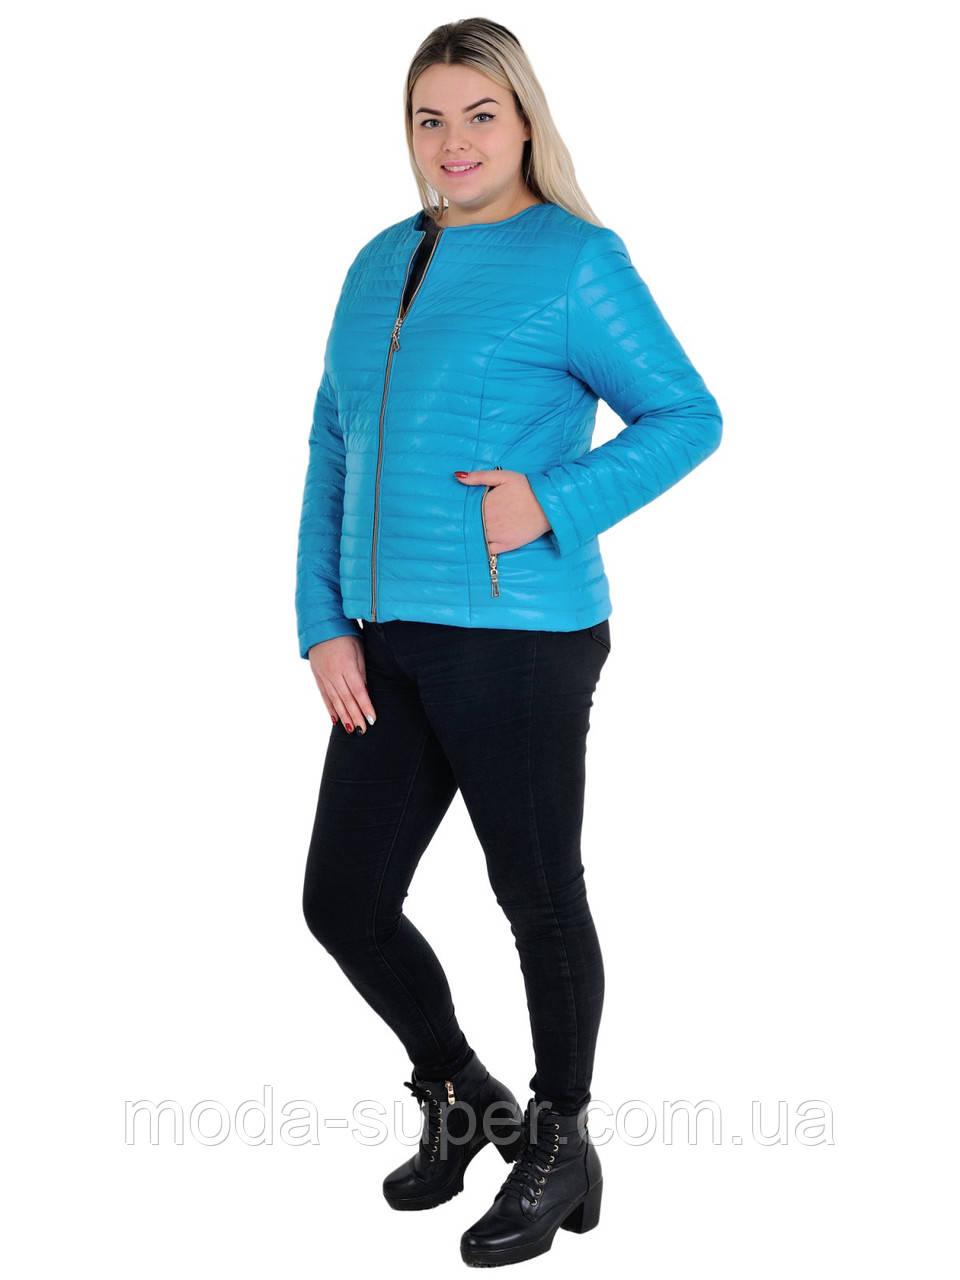 Куртка женская Шанель, размеры 42-62